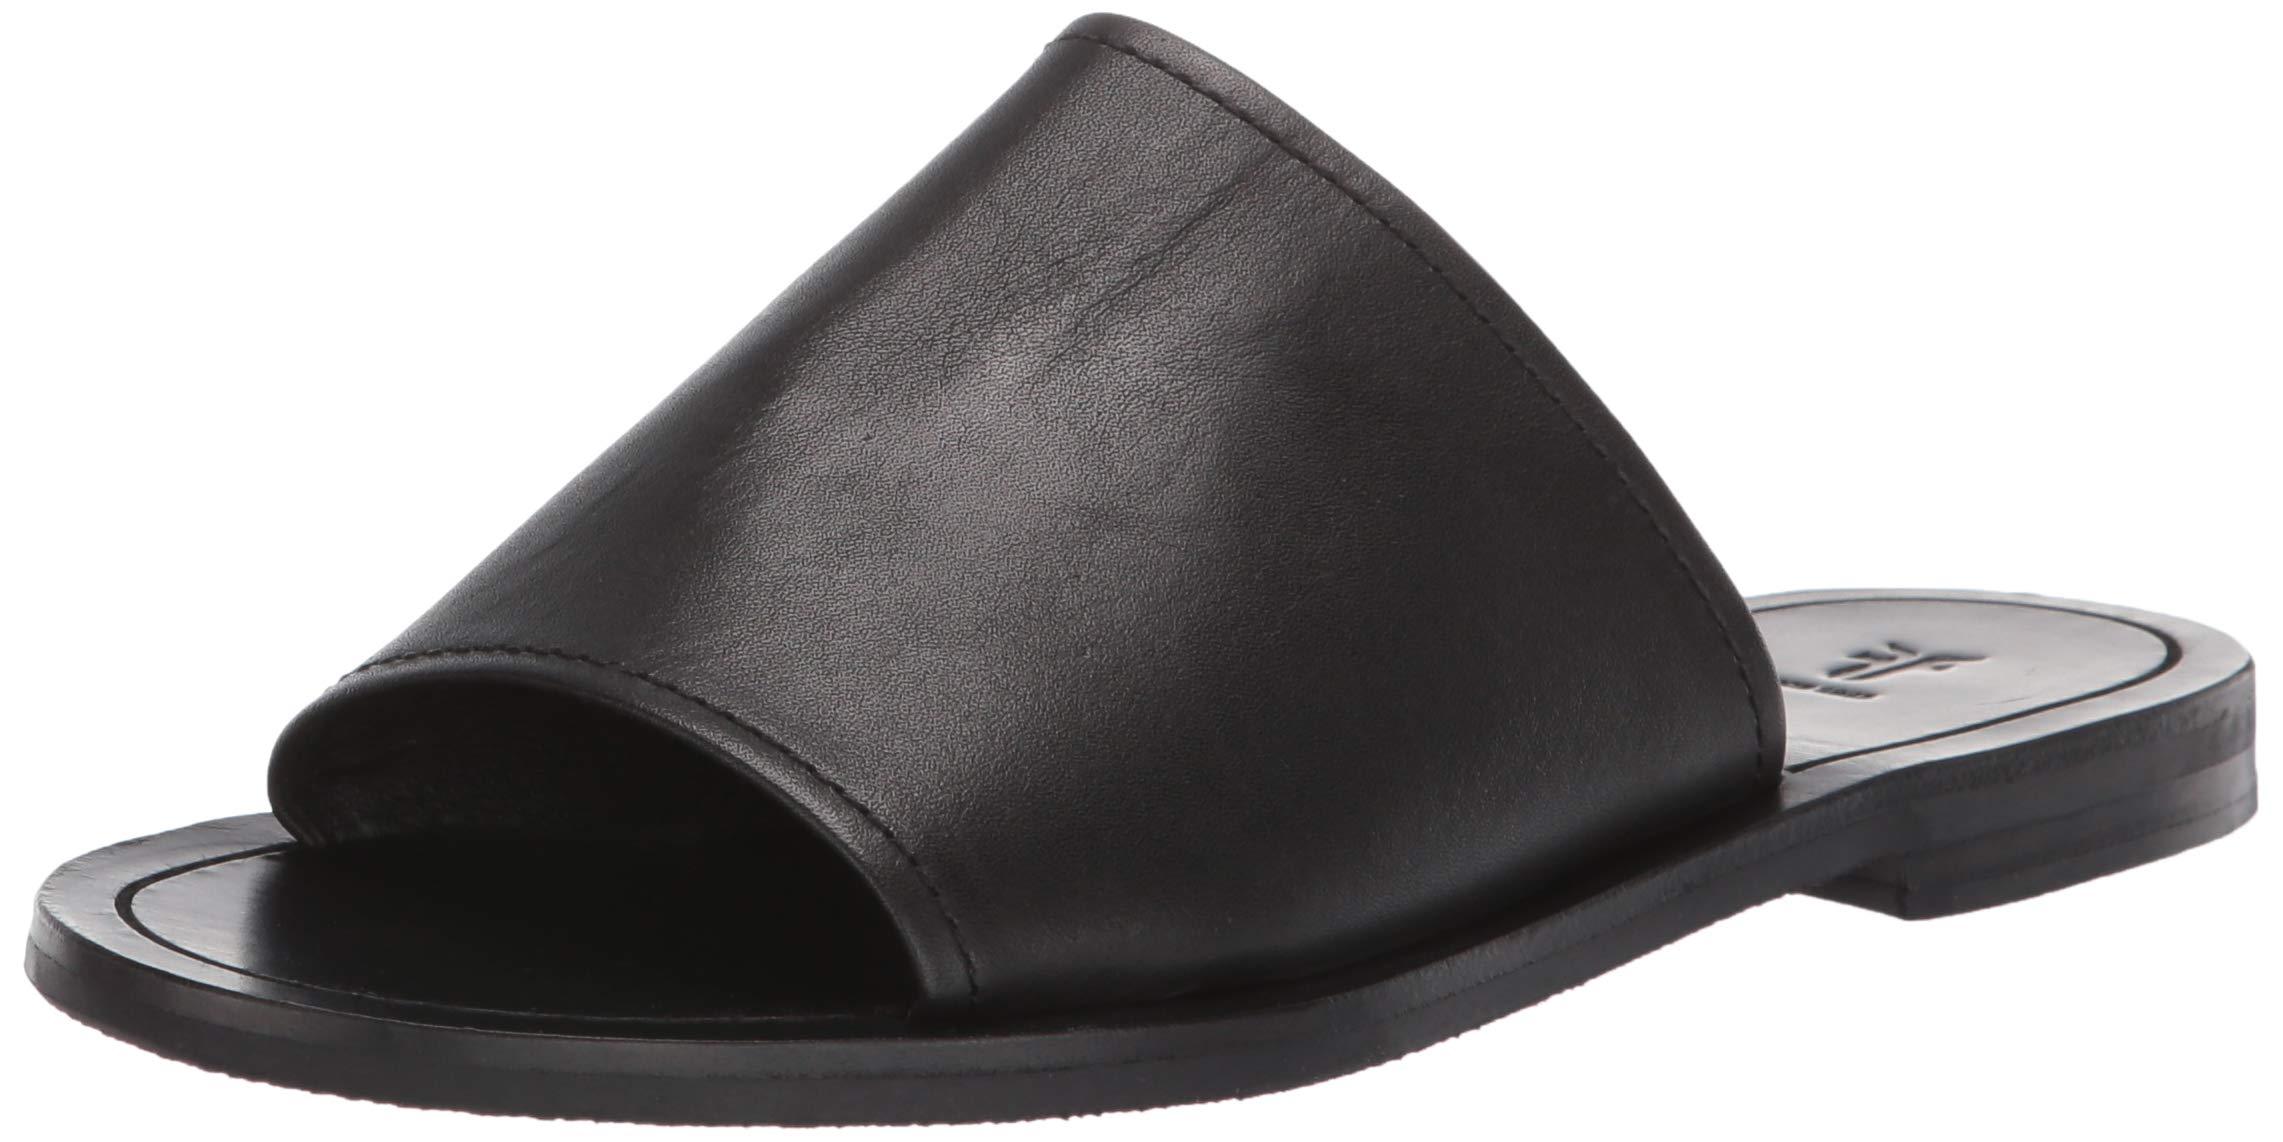 Frye Company Robin Slide Women's Sandal